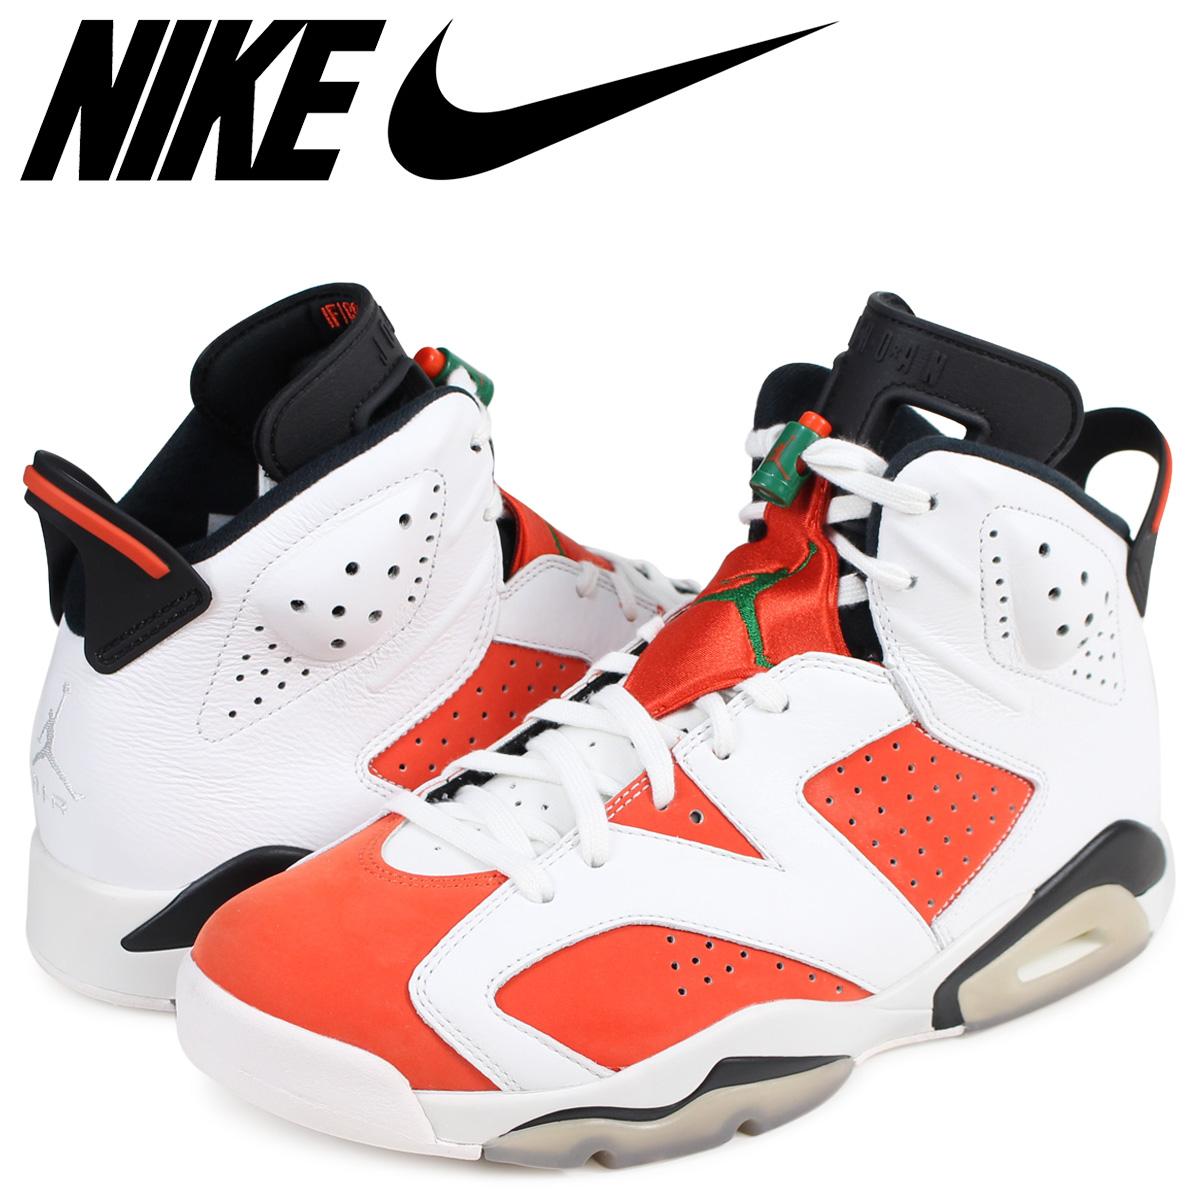 de01f940de83 Whats up Sports  NIKE AIR JORDAN 6 RETRO GATORADE Nike Air Jordan 6 ...